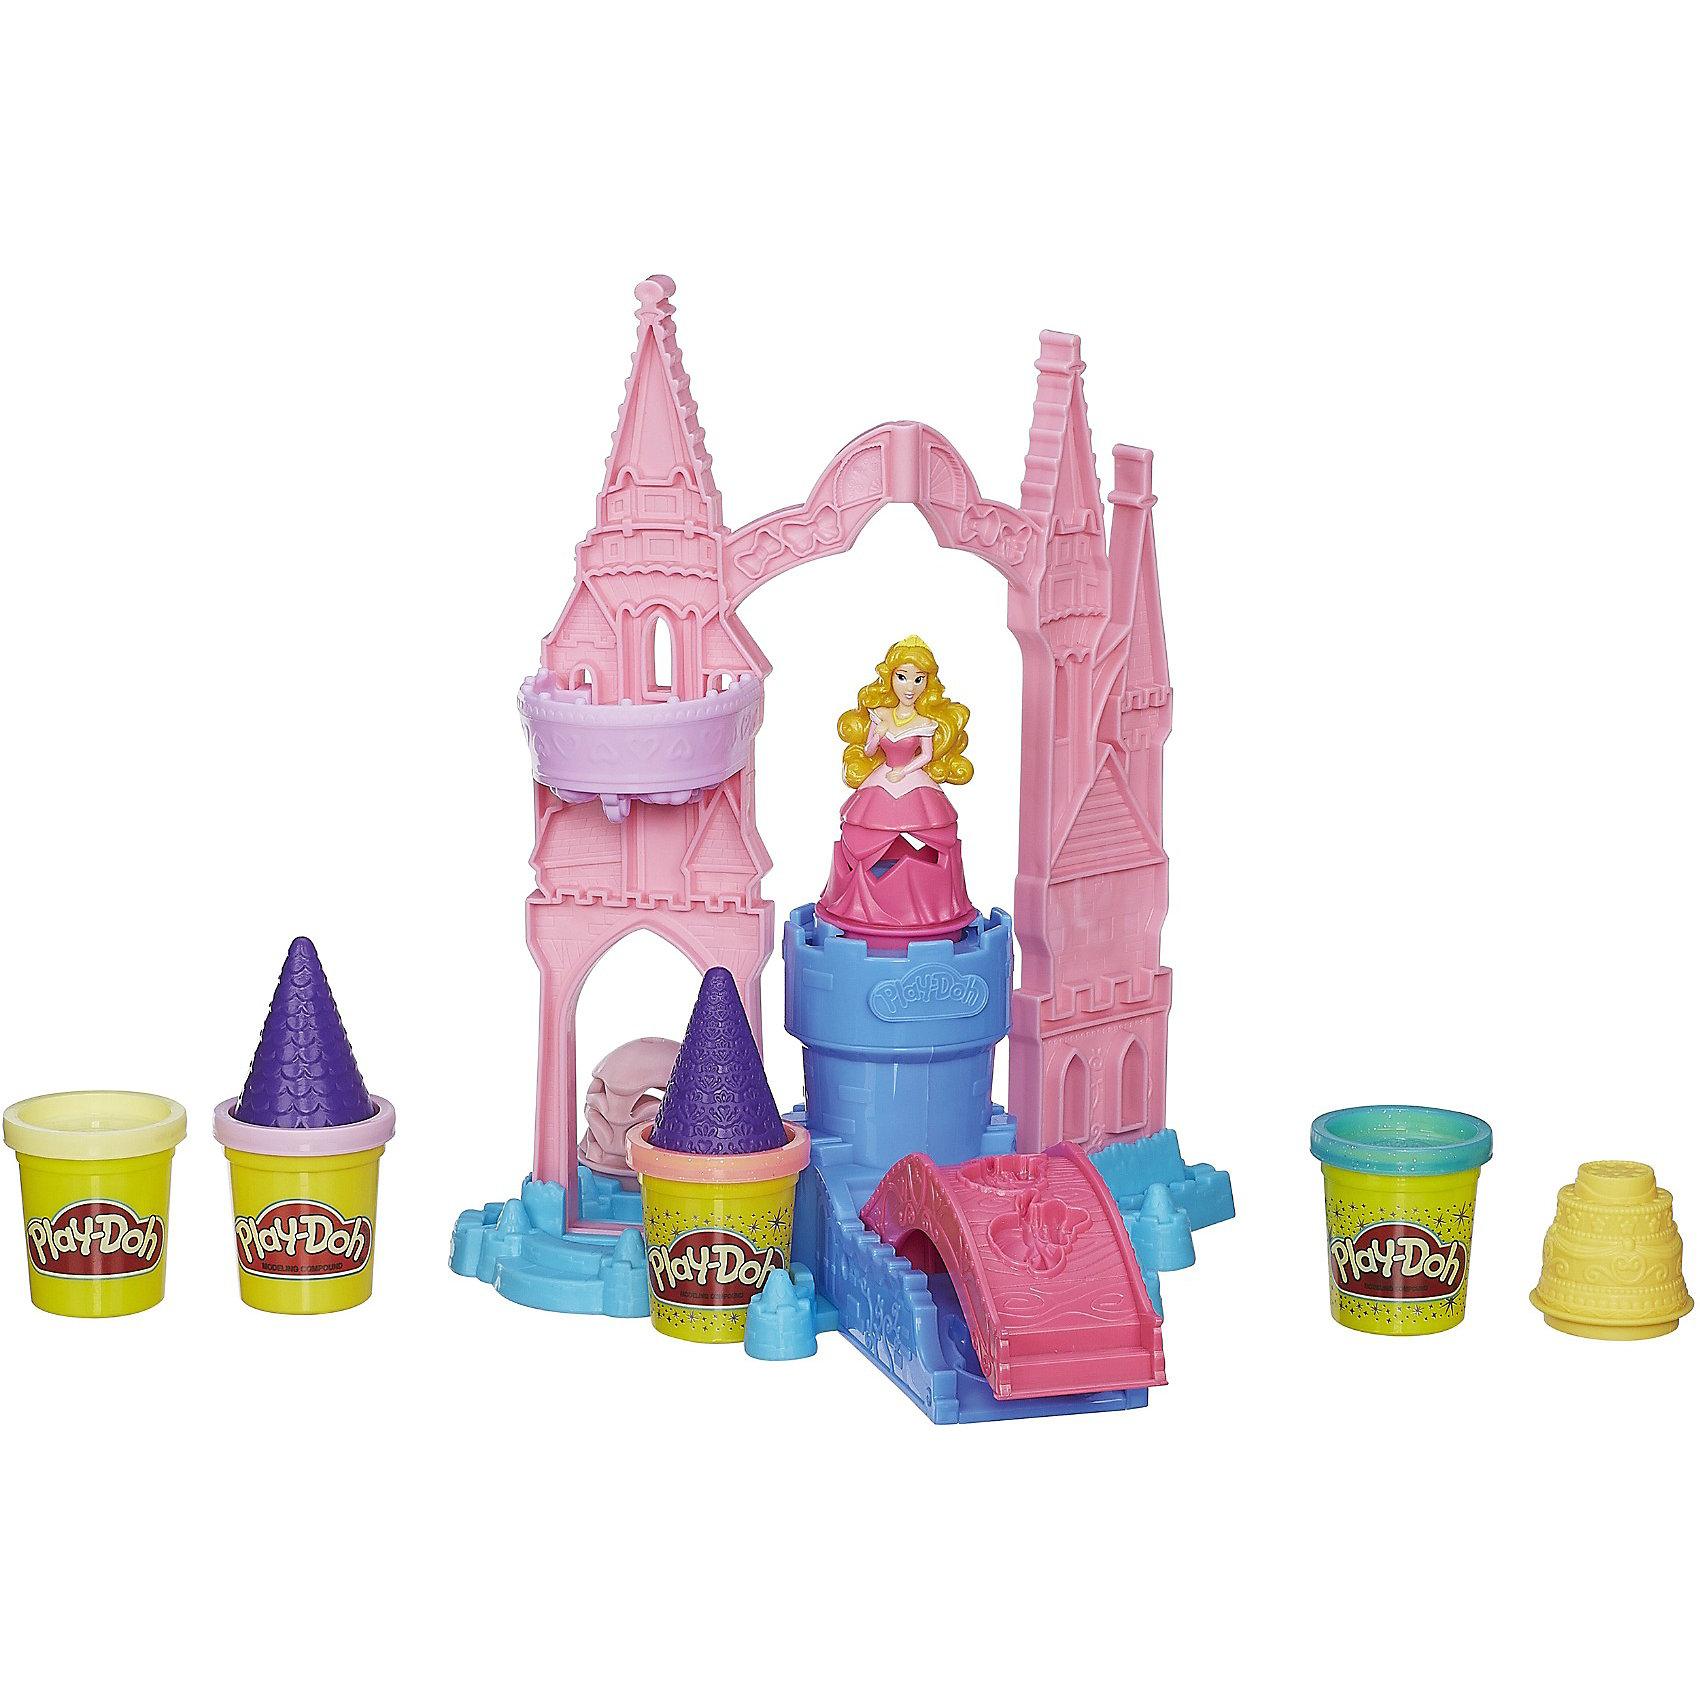 Hasbro Игровой набор Чудесный замок Авроры,Play-Doh hasbro play doh b5517 игровой набор из 4 баночек в ассортименте обновлённый